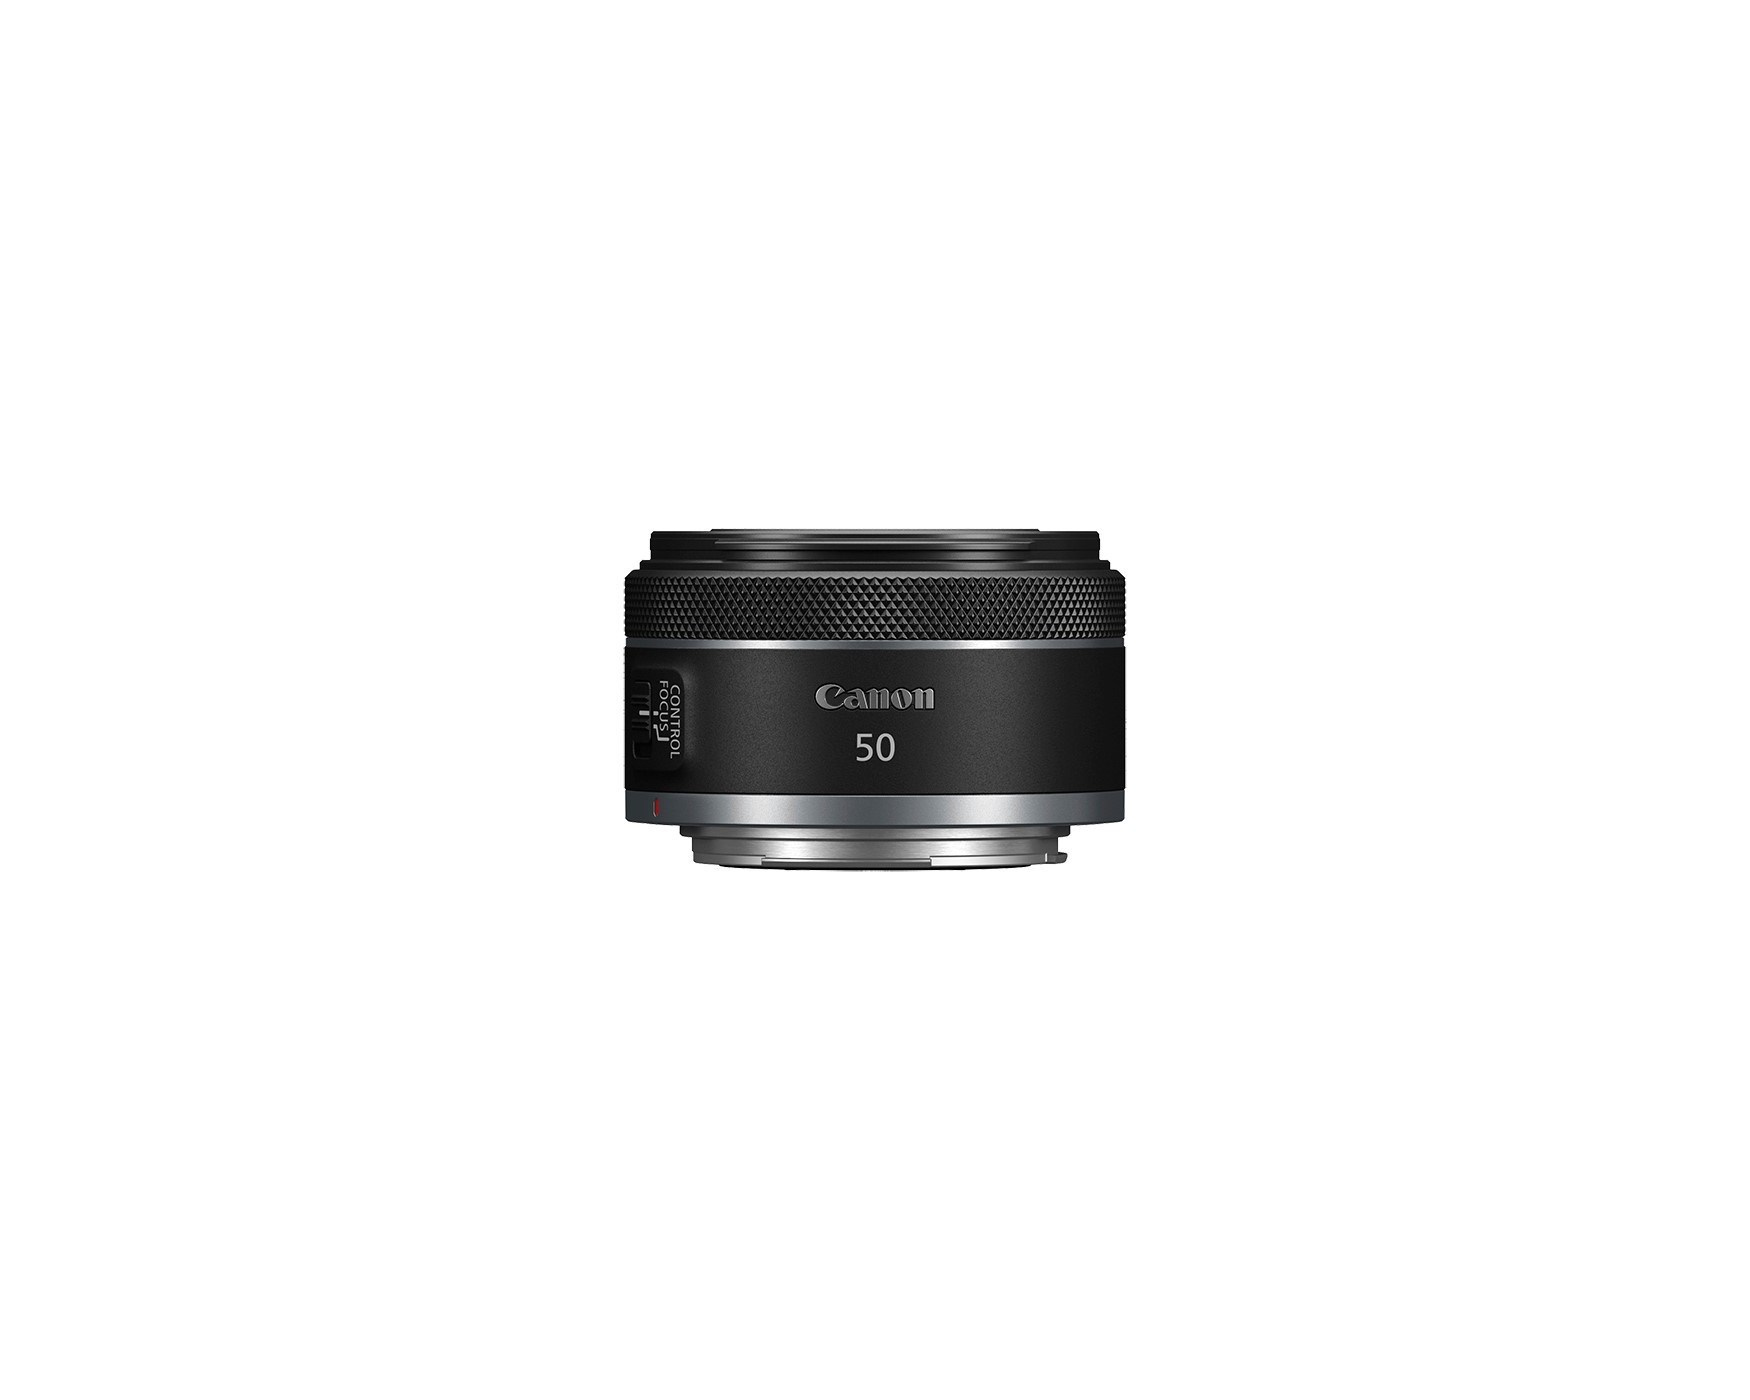 Canon RF50mm F1.8 STM Lens